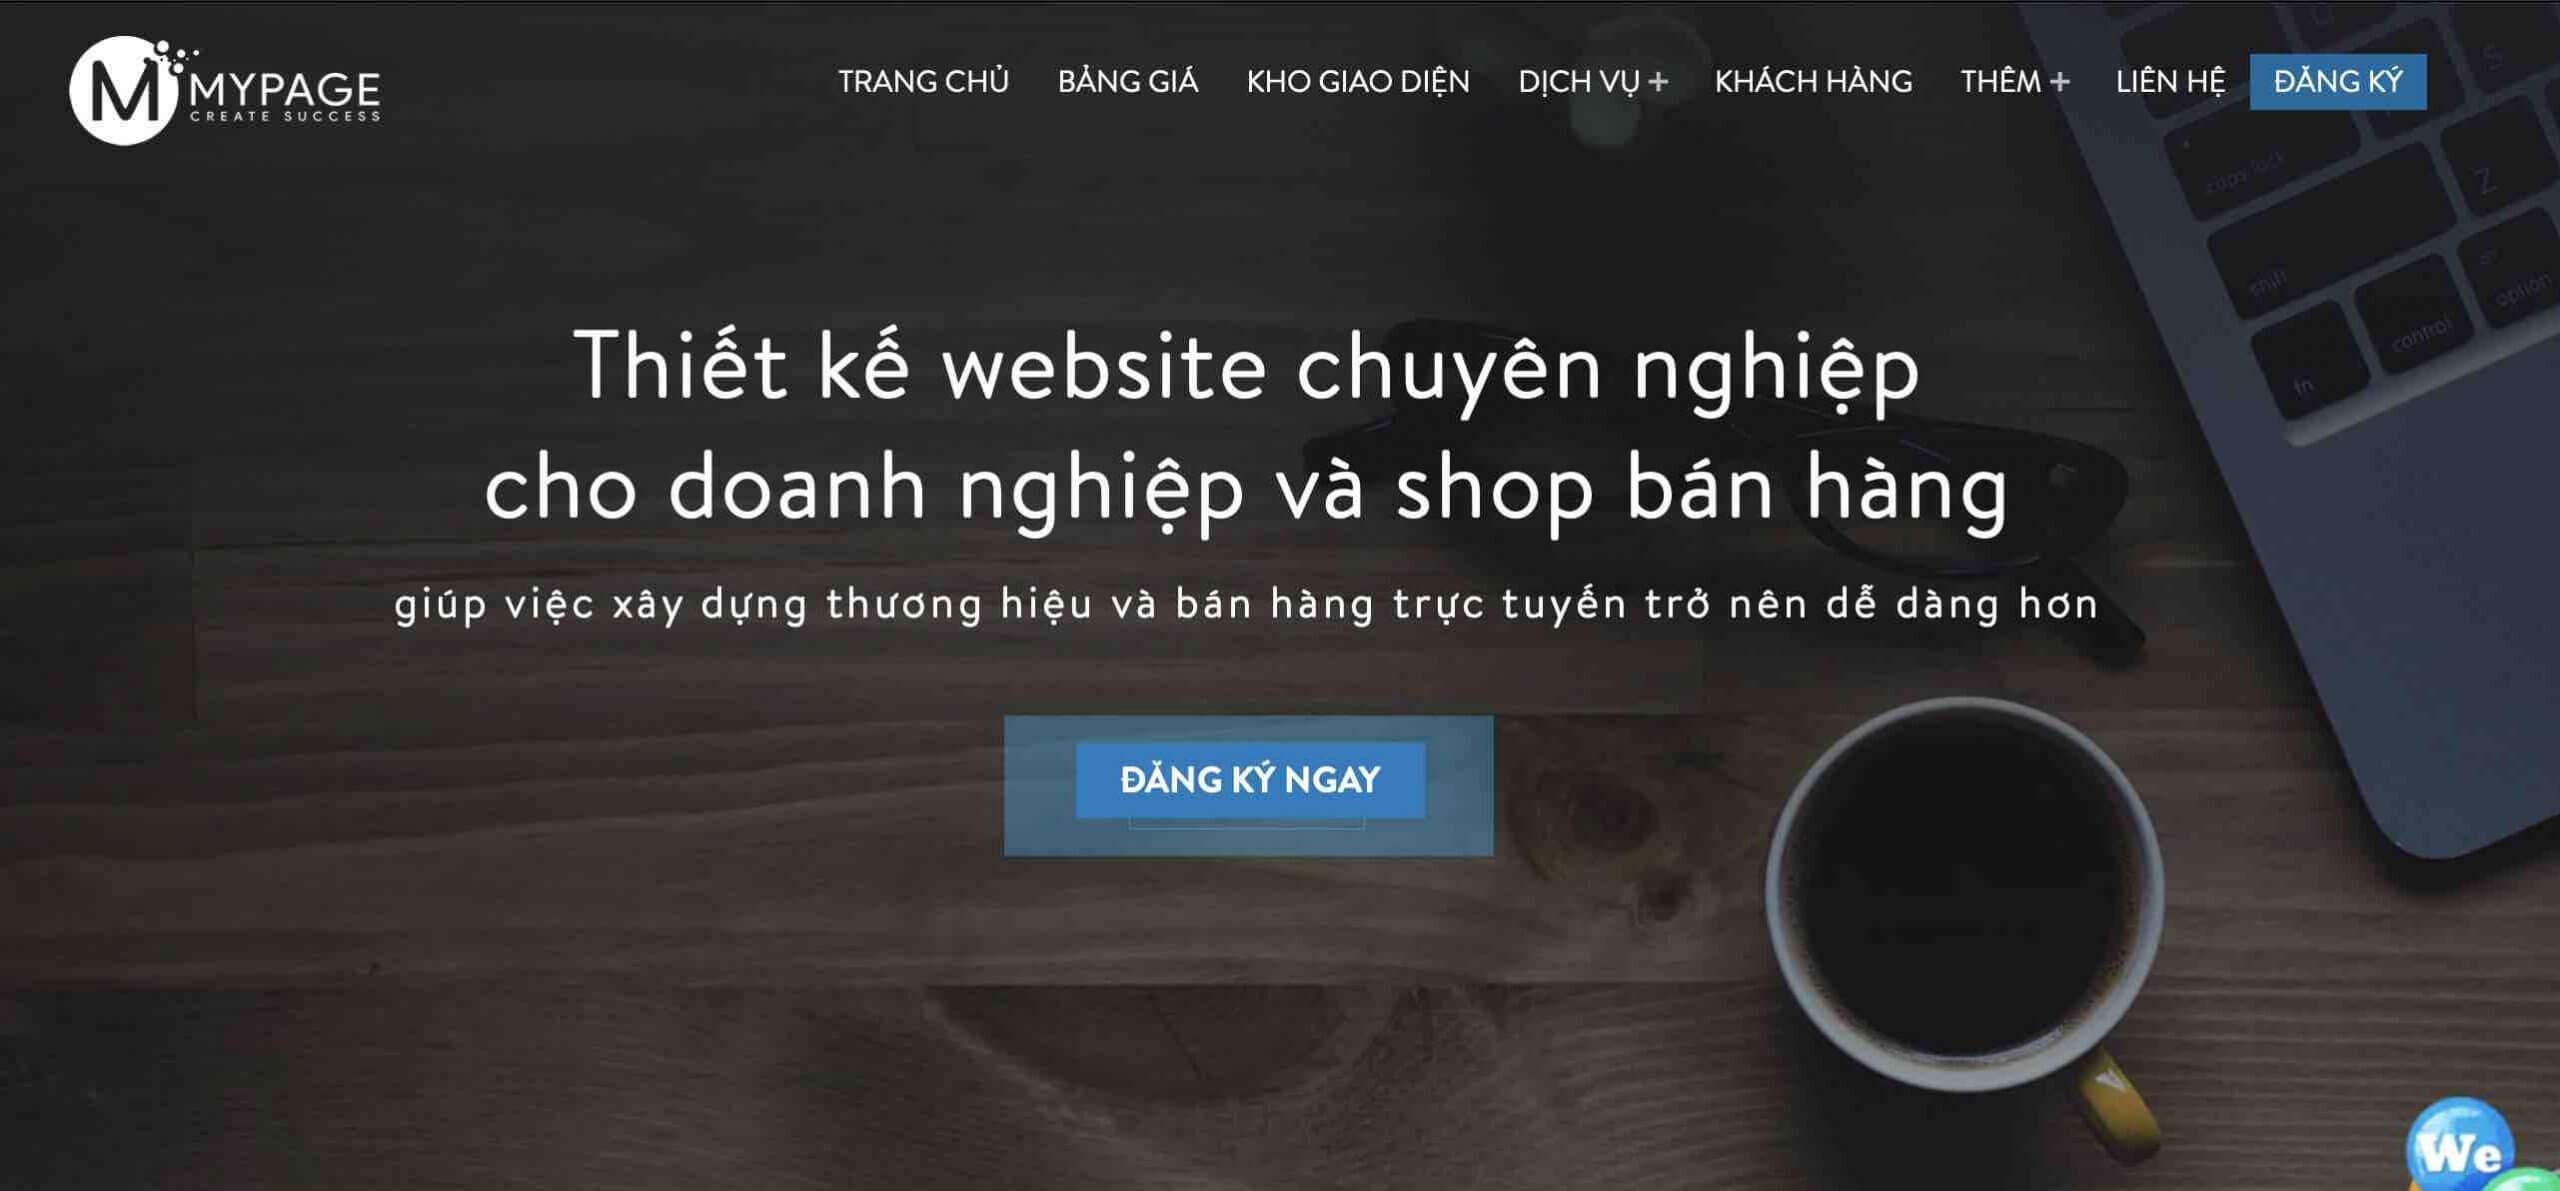 Công ty nào thiết kế website uy tín? MYPAGE ưu tiên hàng đầu tại HCM